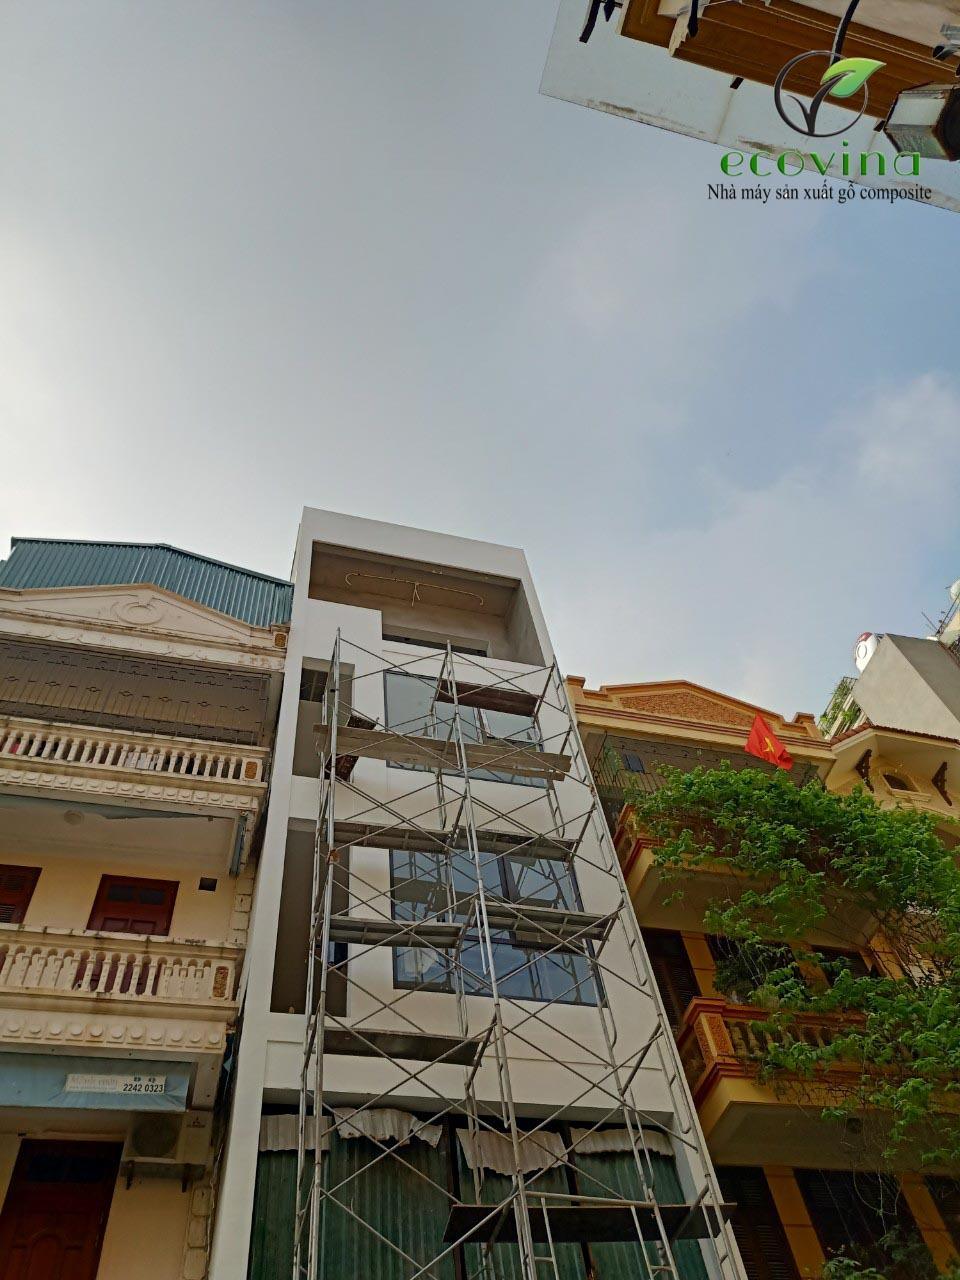 Thi công tấm ốp gỗ nhựa Ecovina cho nhà ở tại Định Công Hà Nội